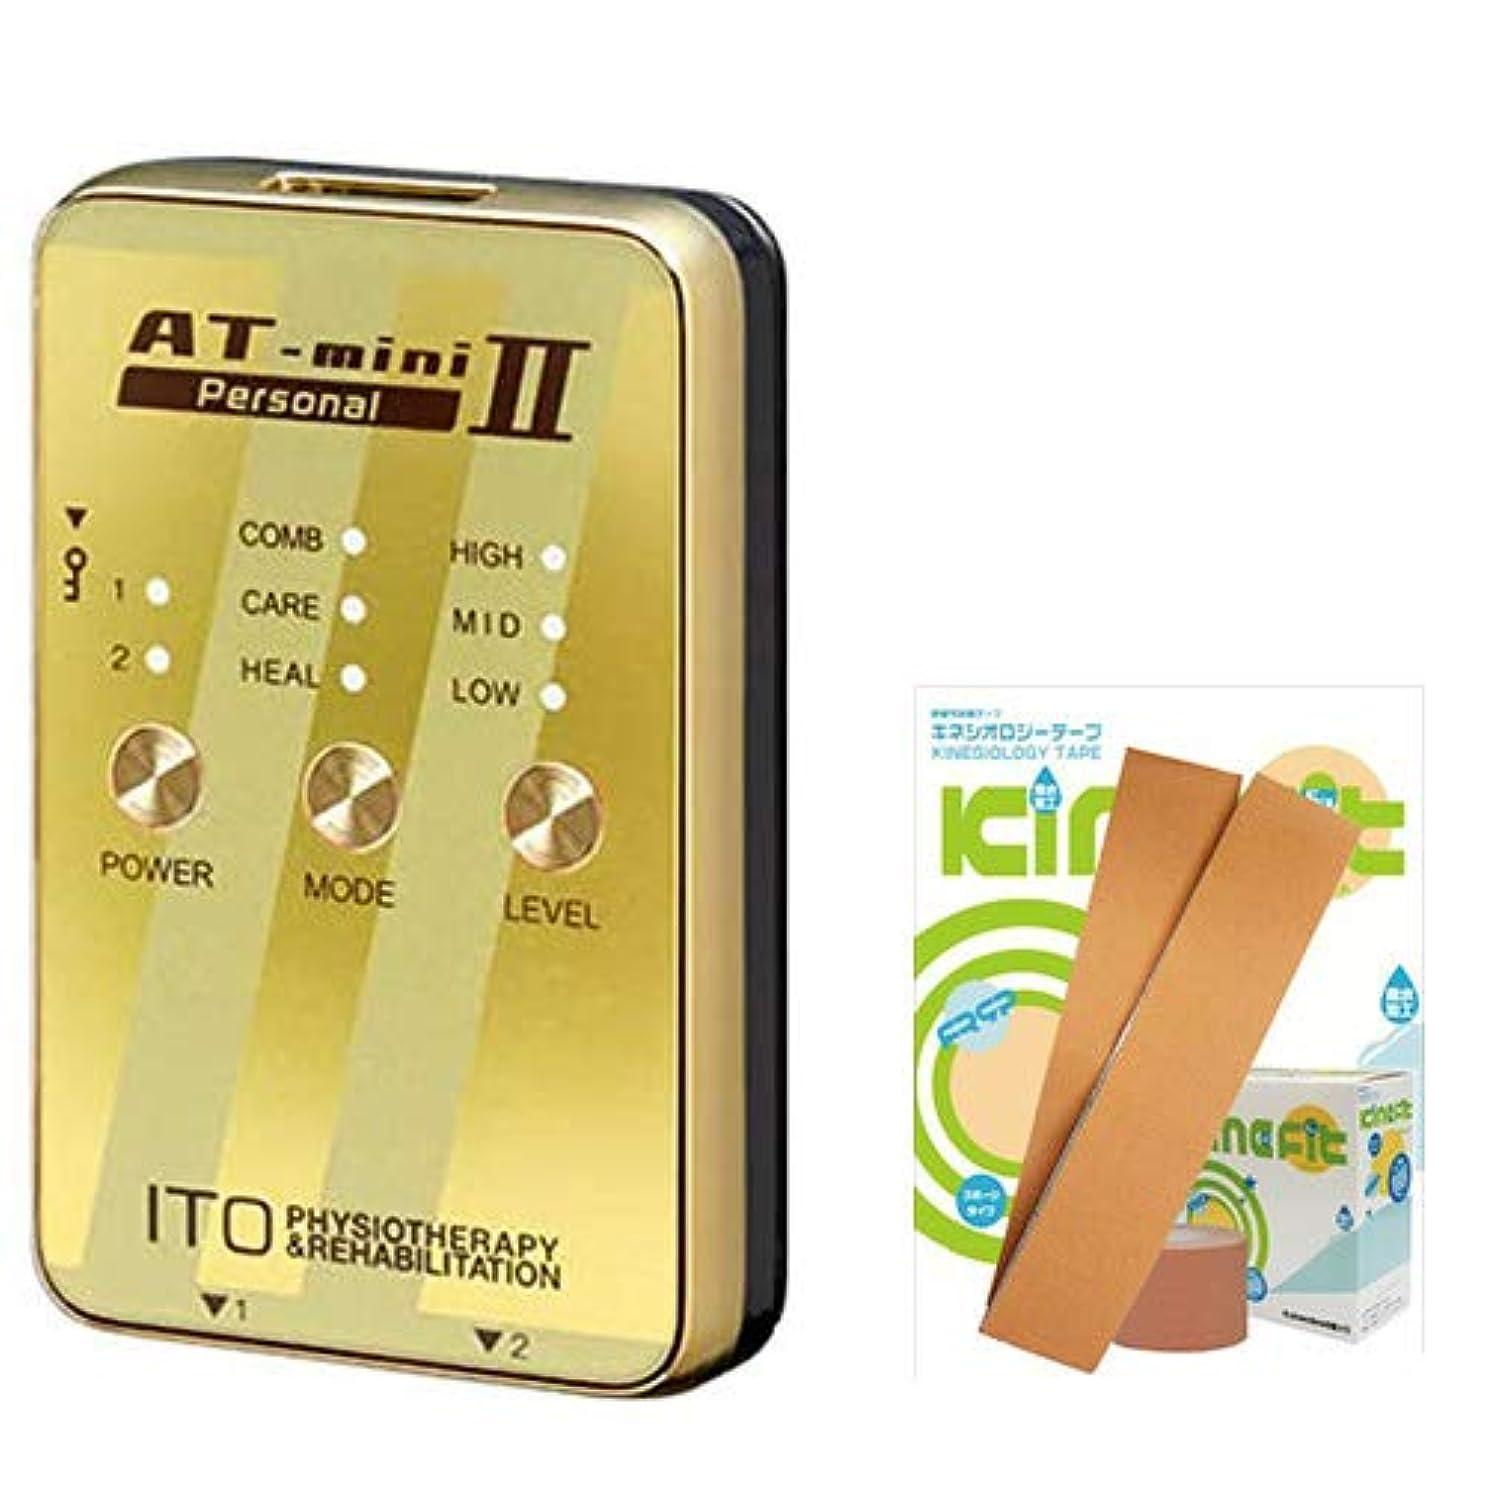 抜粋ヘビアンタゴニスト低周波治療器 AT-mini personal II ゴールド (ATミニパーソナル2) +キネフィットテープ50cmセット